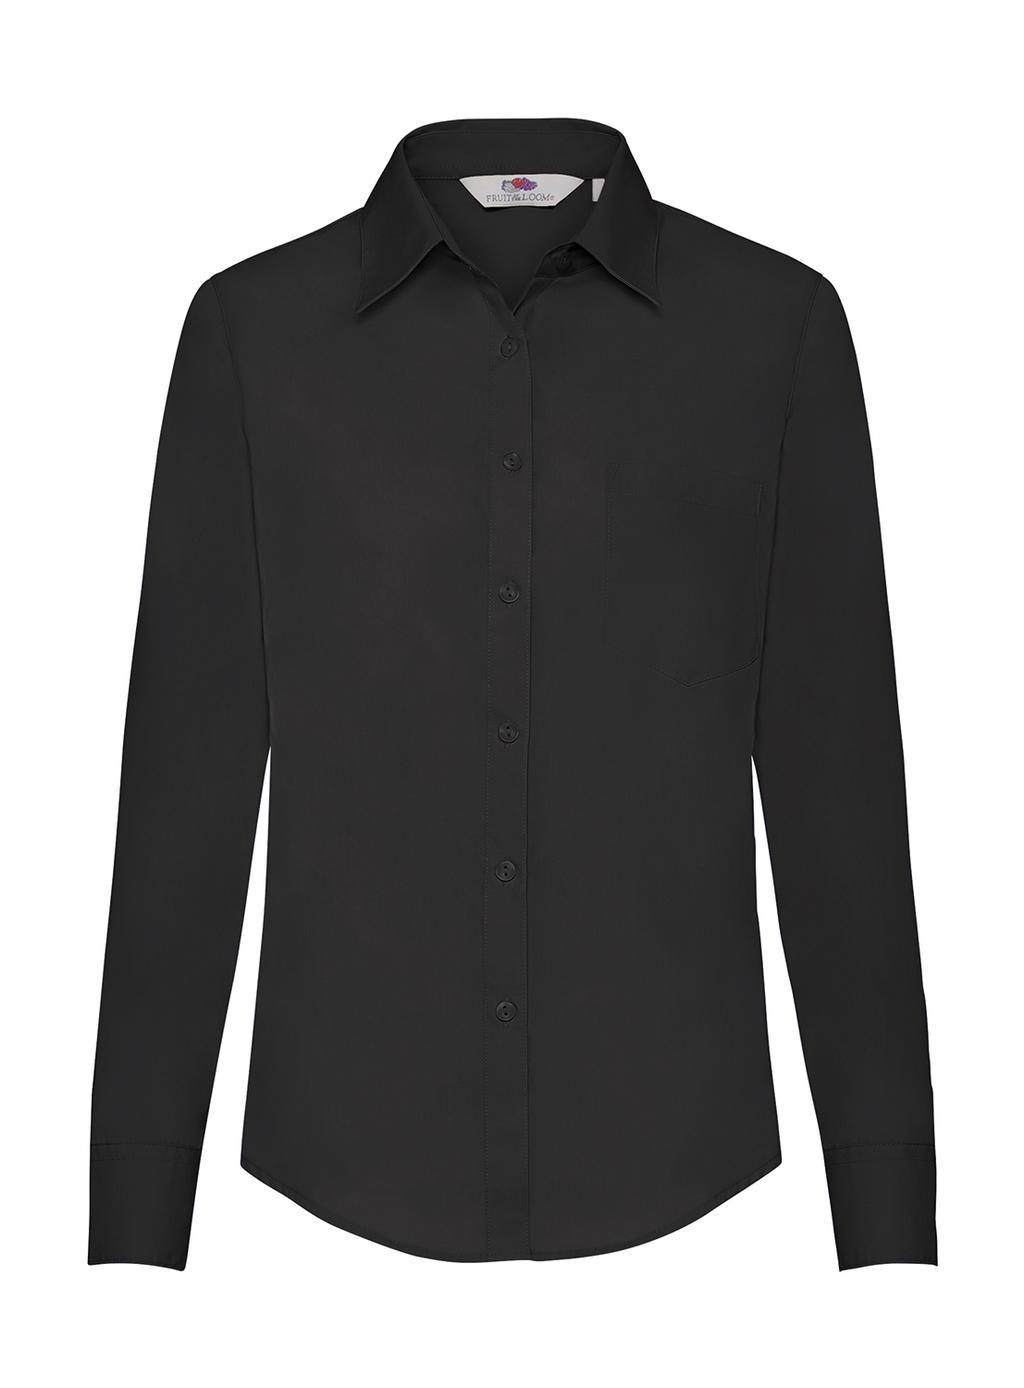 Dámská popelínová košile s dlouhým rukávem - zvìtšit obrázek